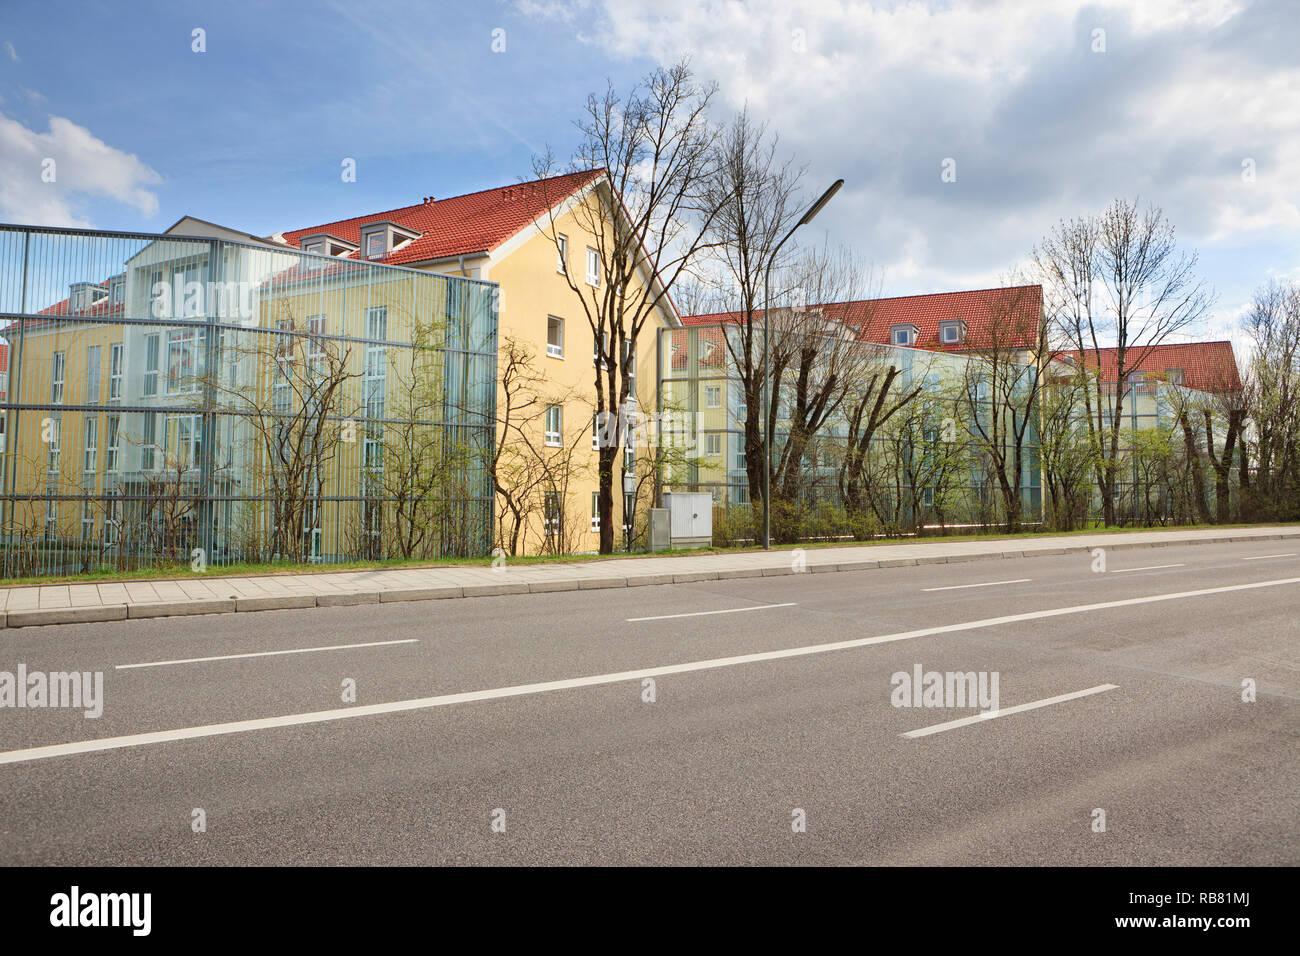 Una barrera contra el ruido de grandes paneles de vidrio protege un edificio recién construido del ruido de una carretera de cuatro carriles que pasa cerca. Imagen De Stock